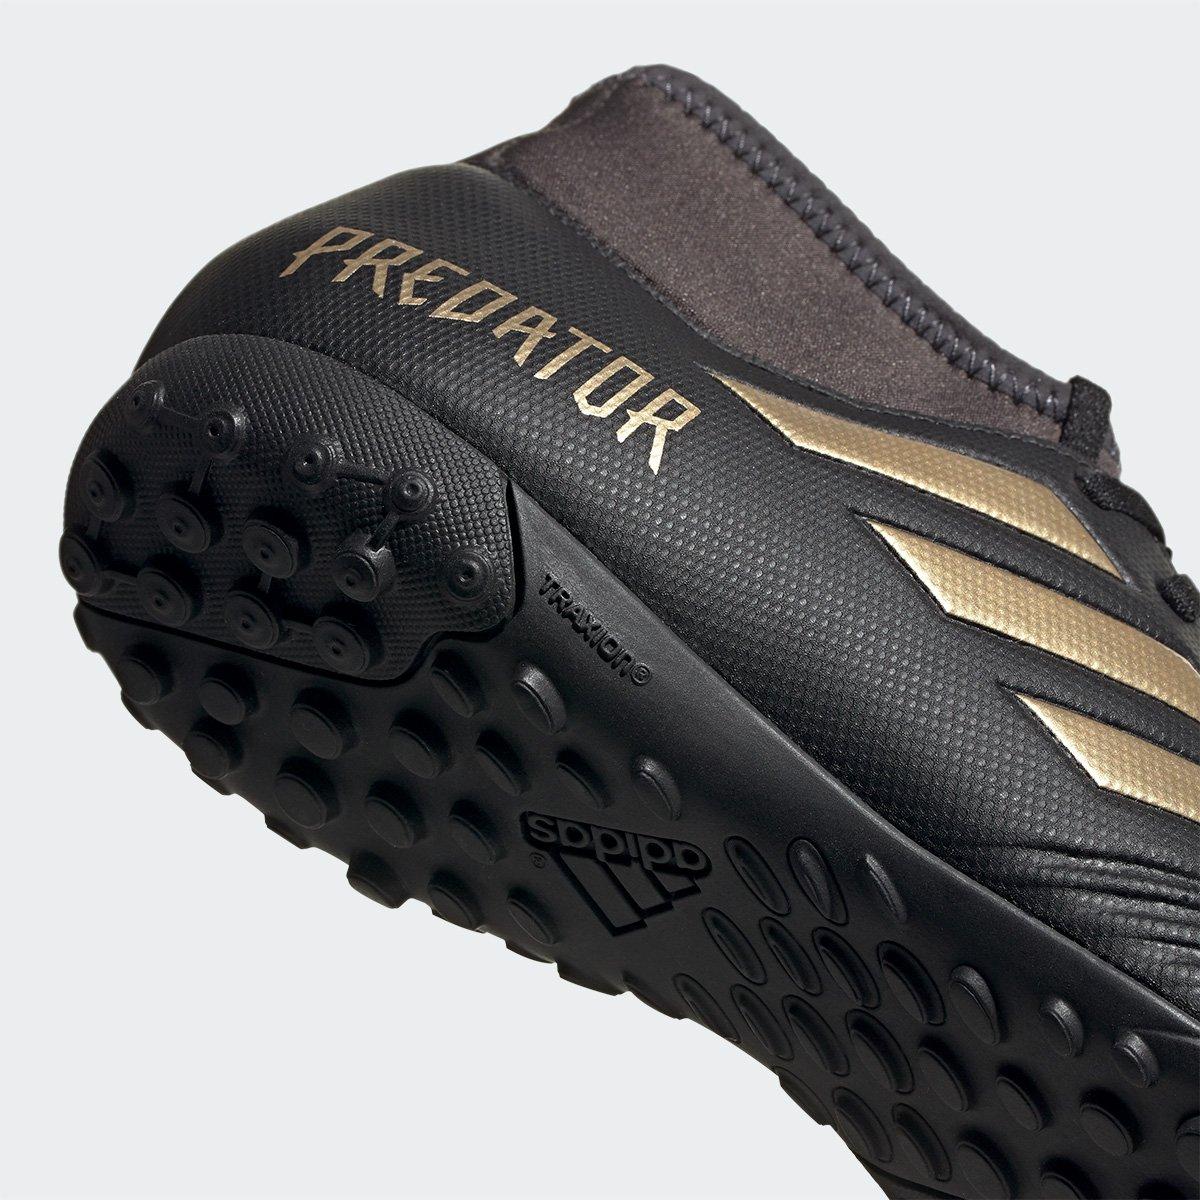 Chuteira Society Botinha Adidas Predator 19.4 S